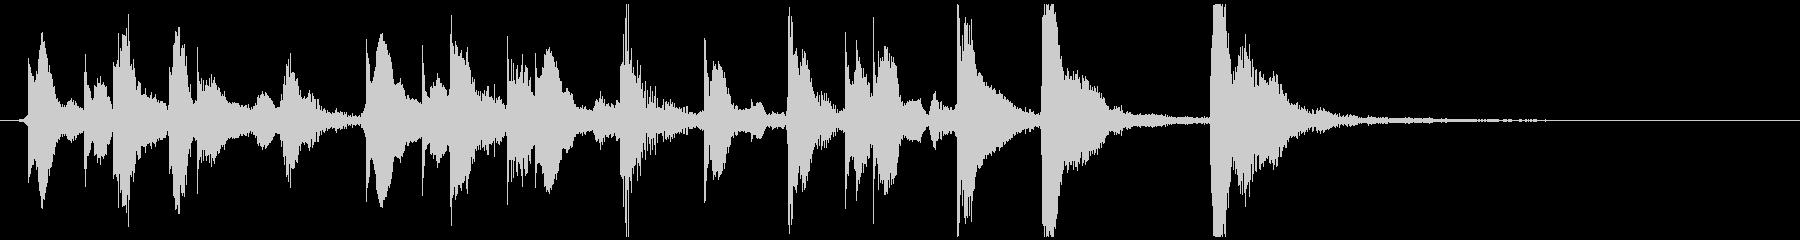 のほほんジングル031_かわいい-3の未再生の波形